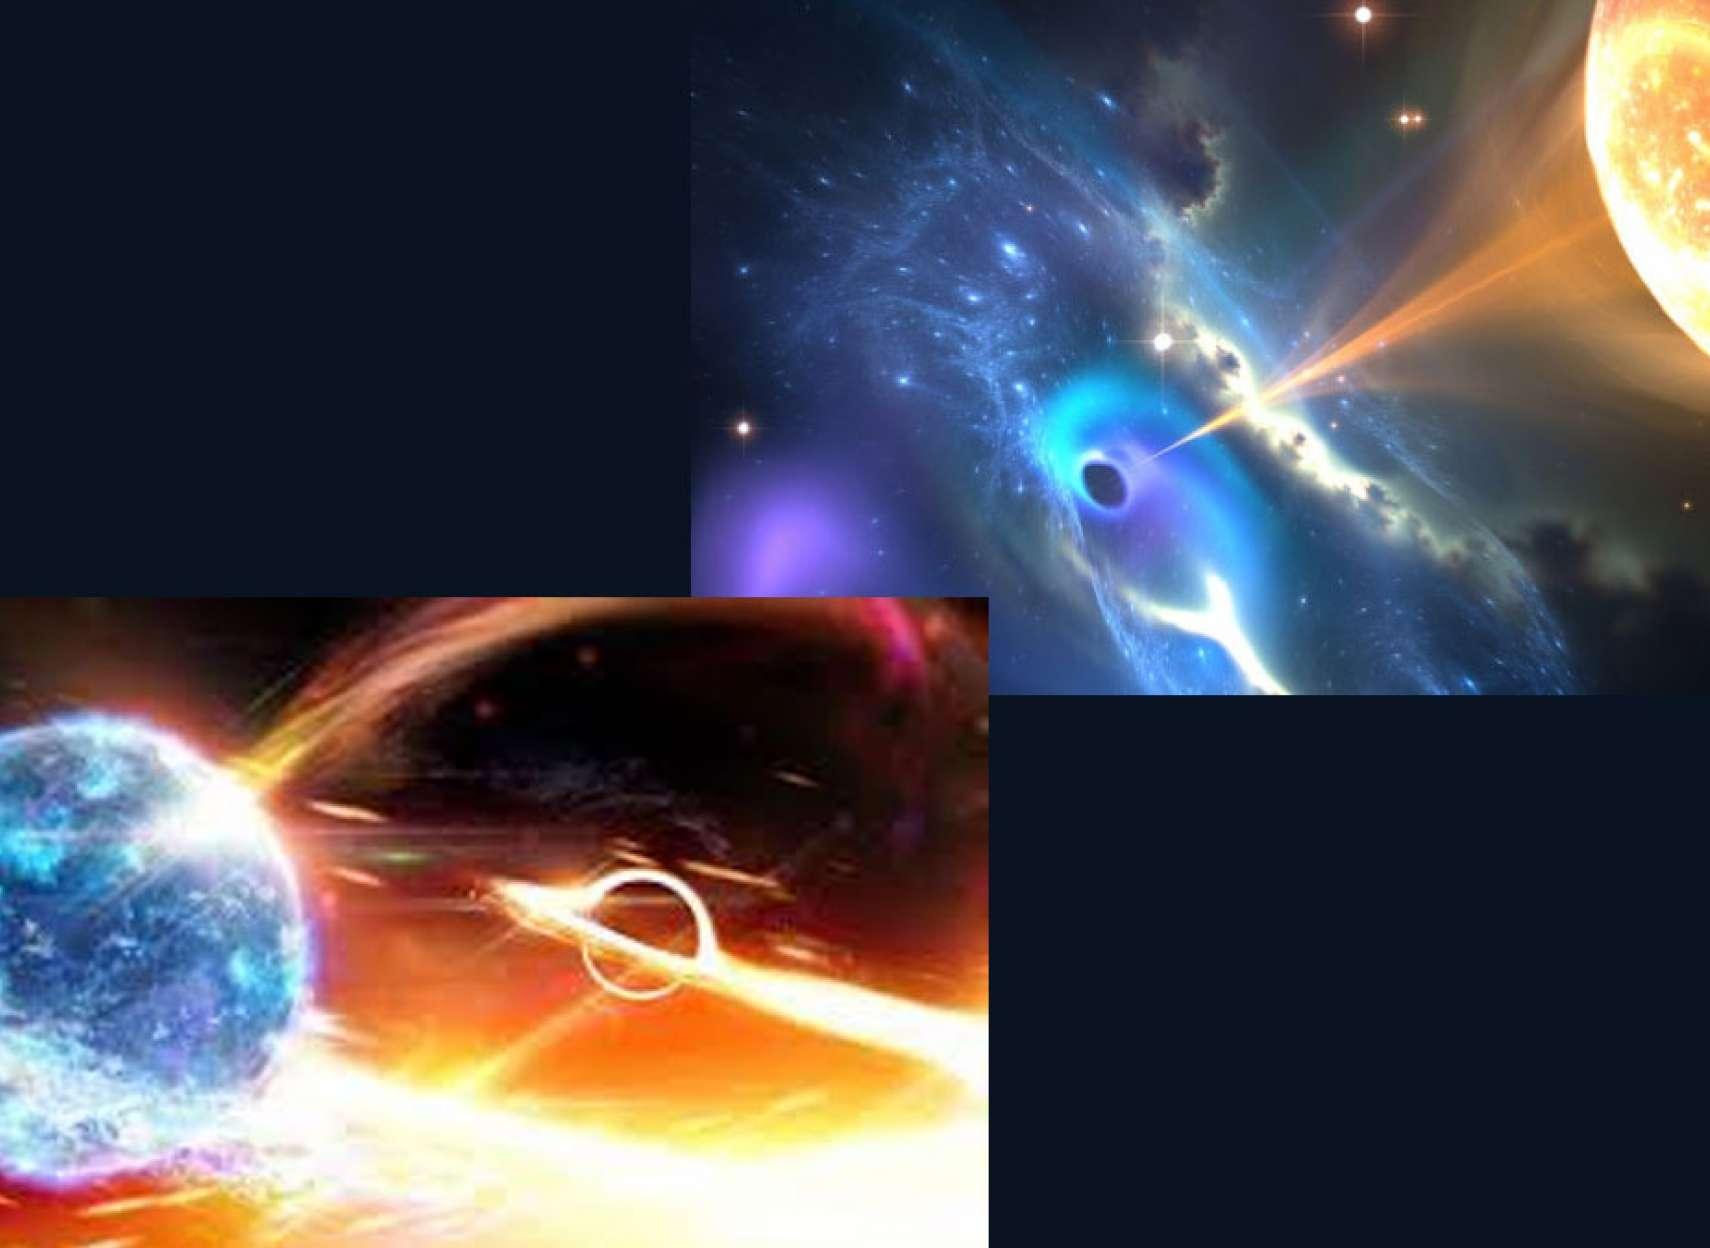 اخبار-علمی-یک-سیاهچاله-یک-ستاره-نوترونی-را-قورت-داد-دریافت-امواج-عجیب-جدید-از-فضا